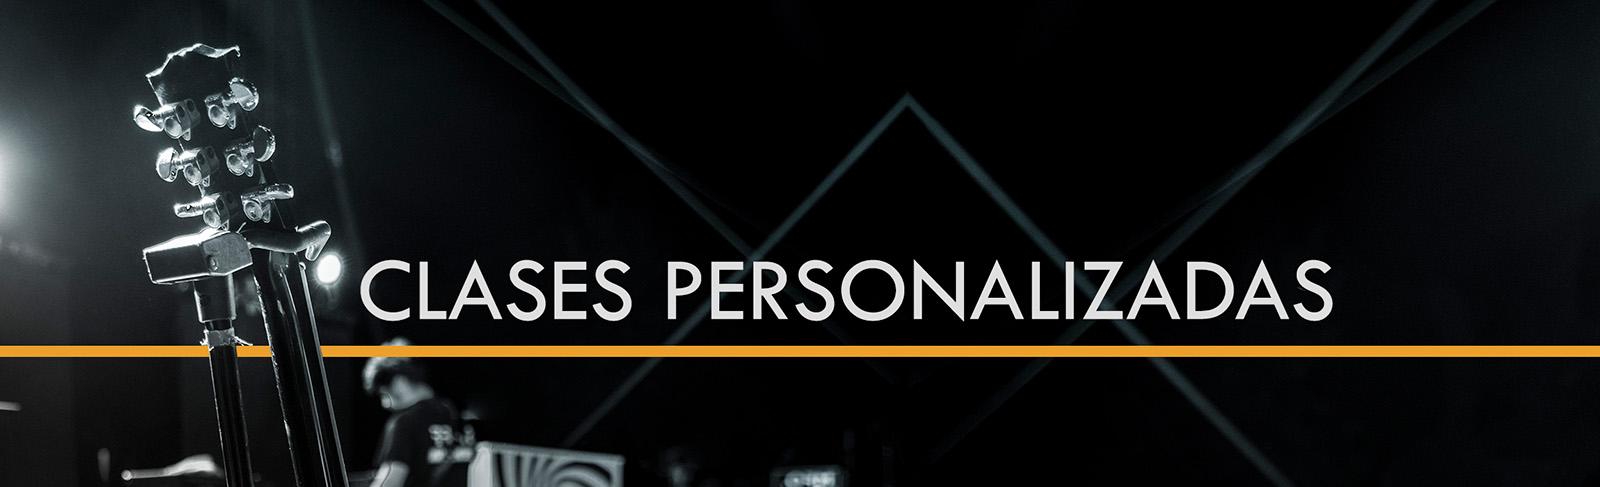 clases personales fotografía